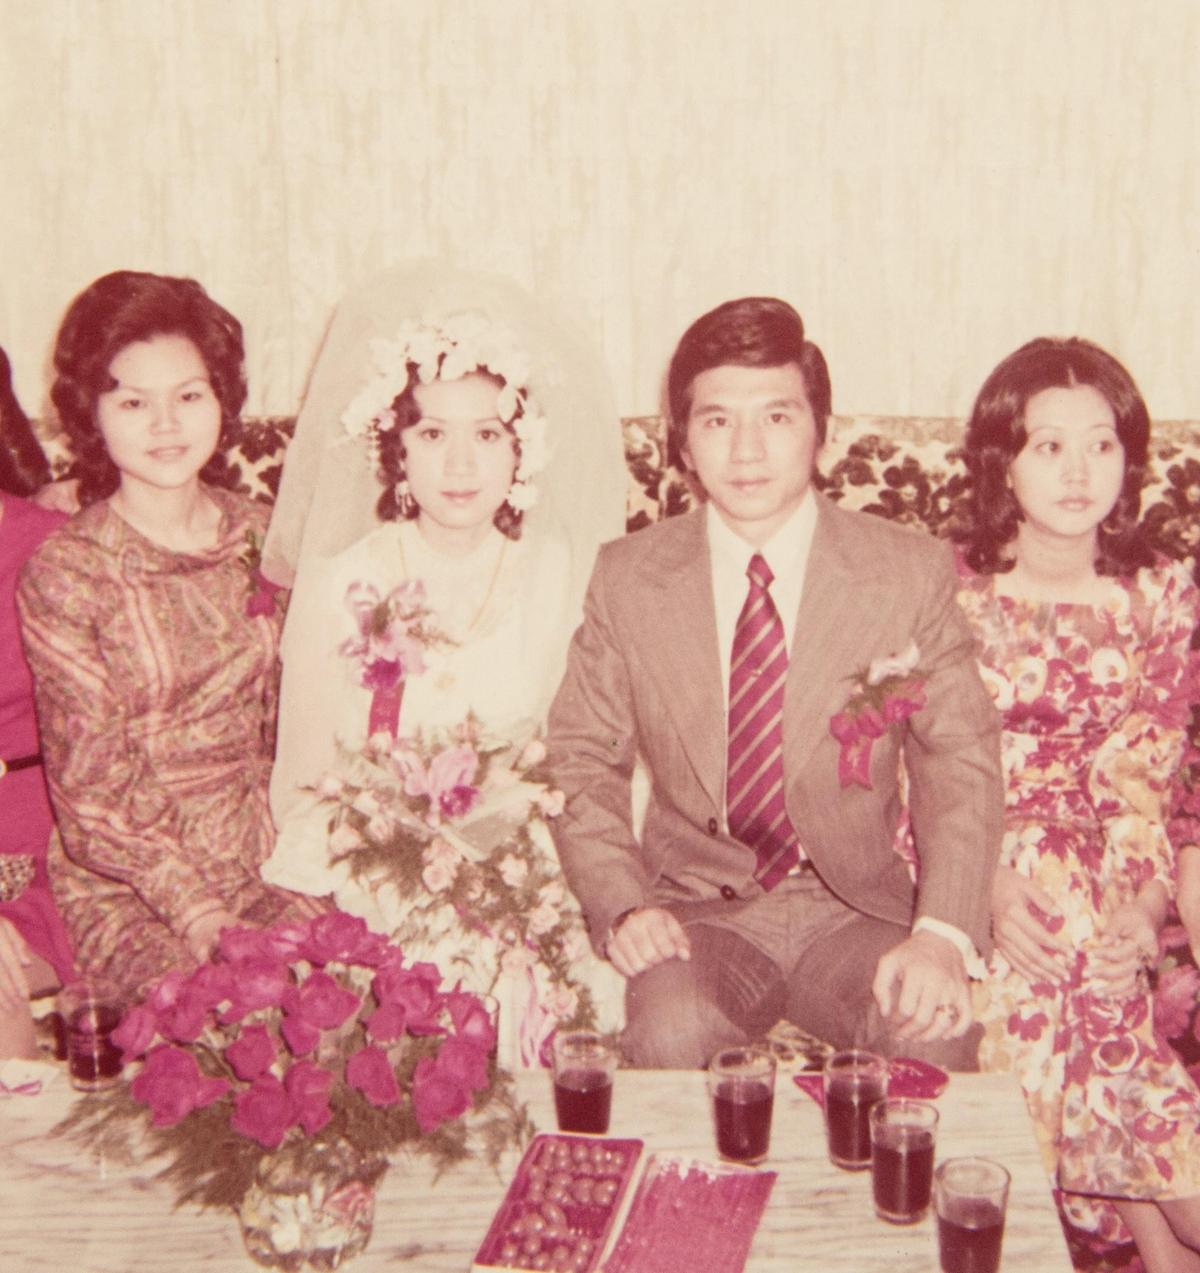 吳朝政(右2)是邱靜惠(左2)的初戀,即使兩人已分居多年,她仍替吳家守住餐廳家業,不離不棄。(大三元酒樓提供)